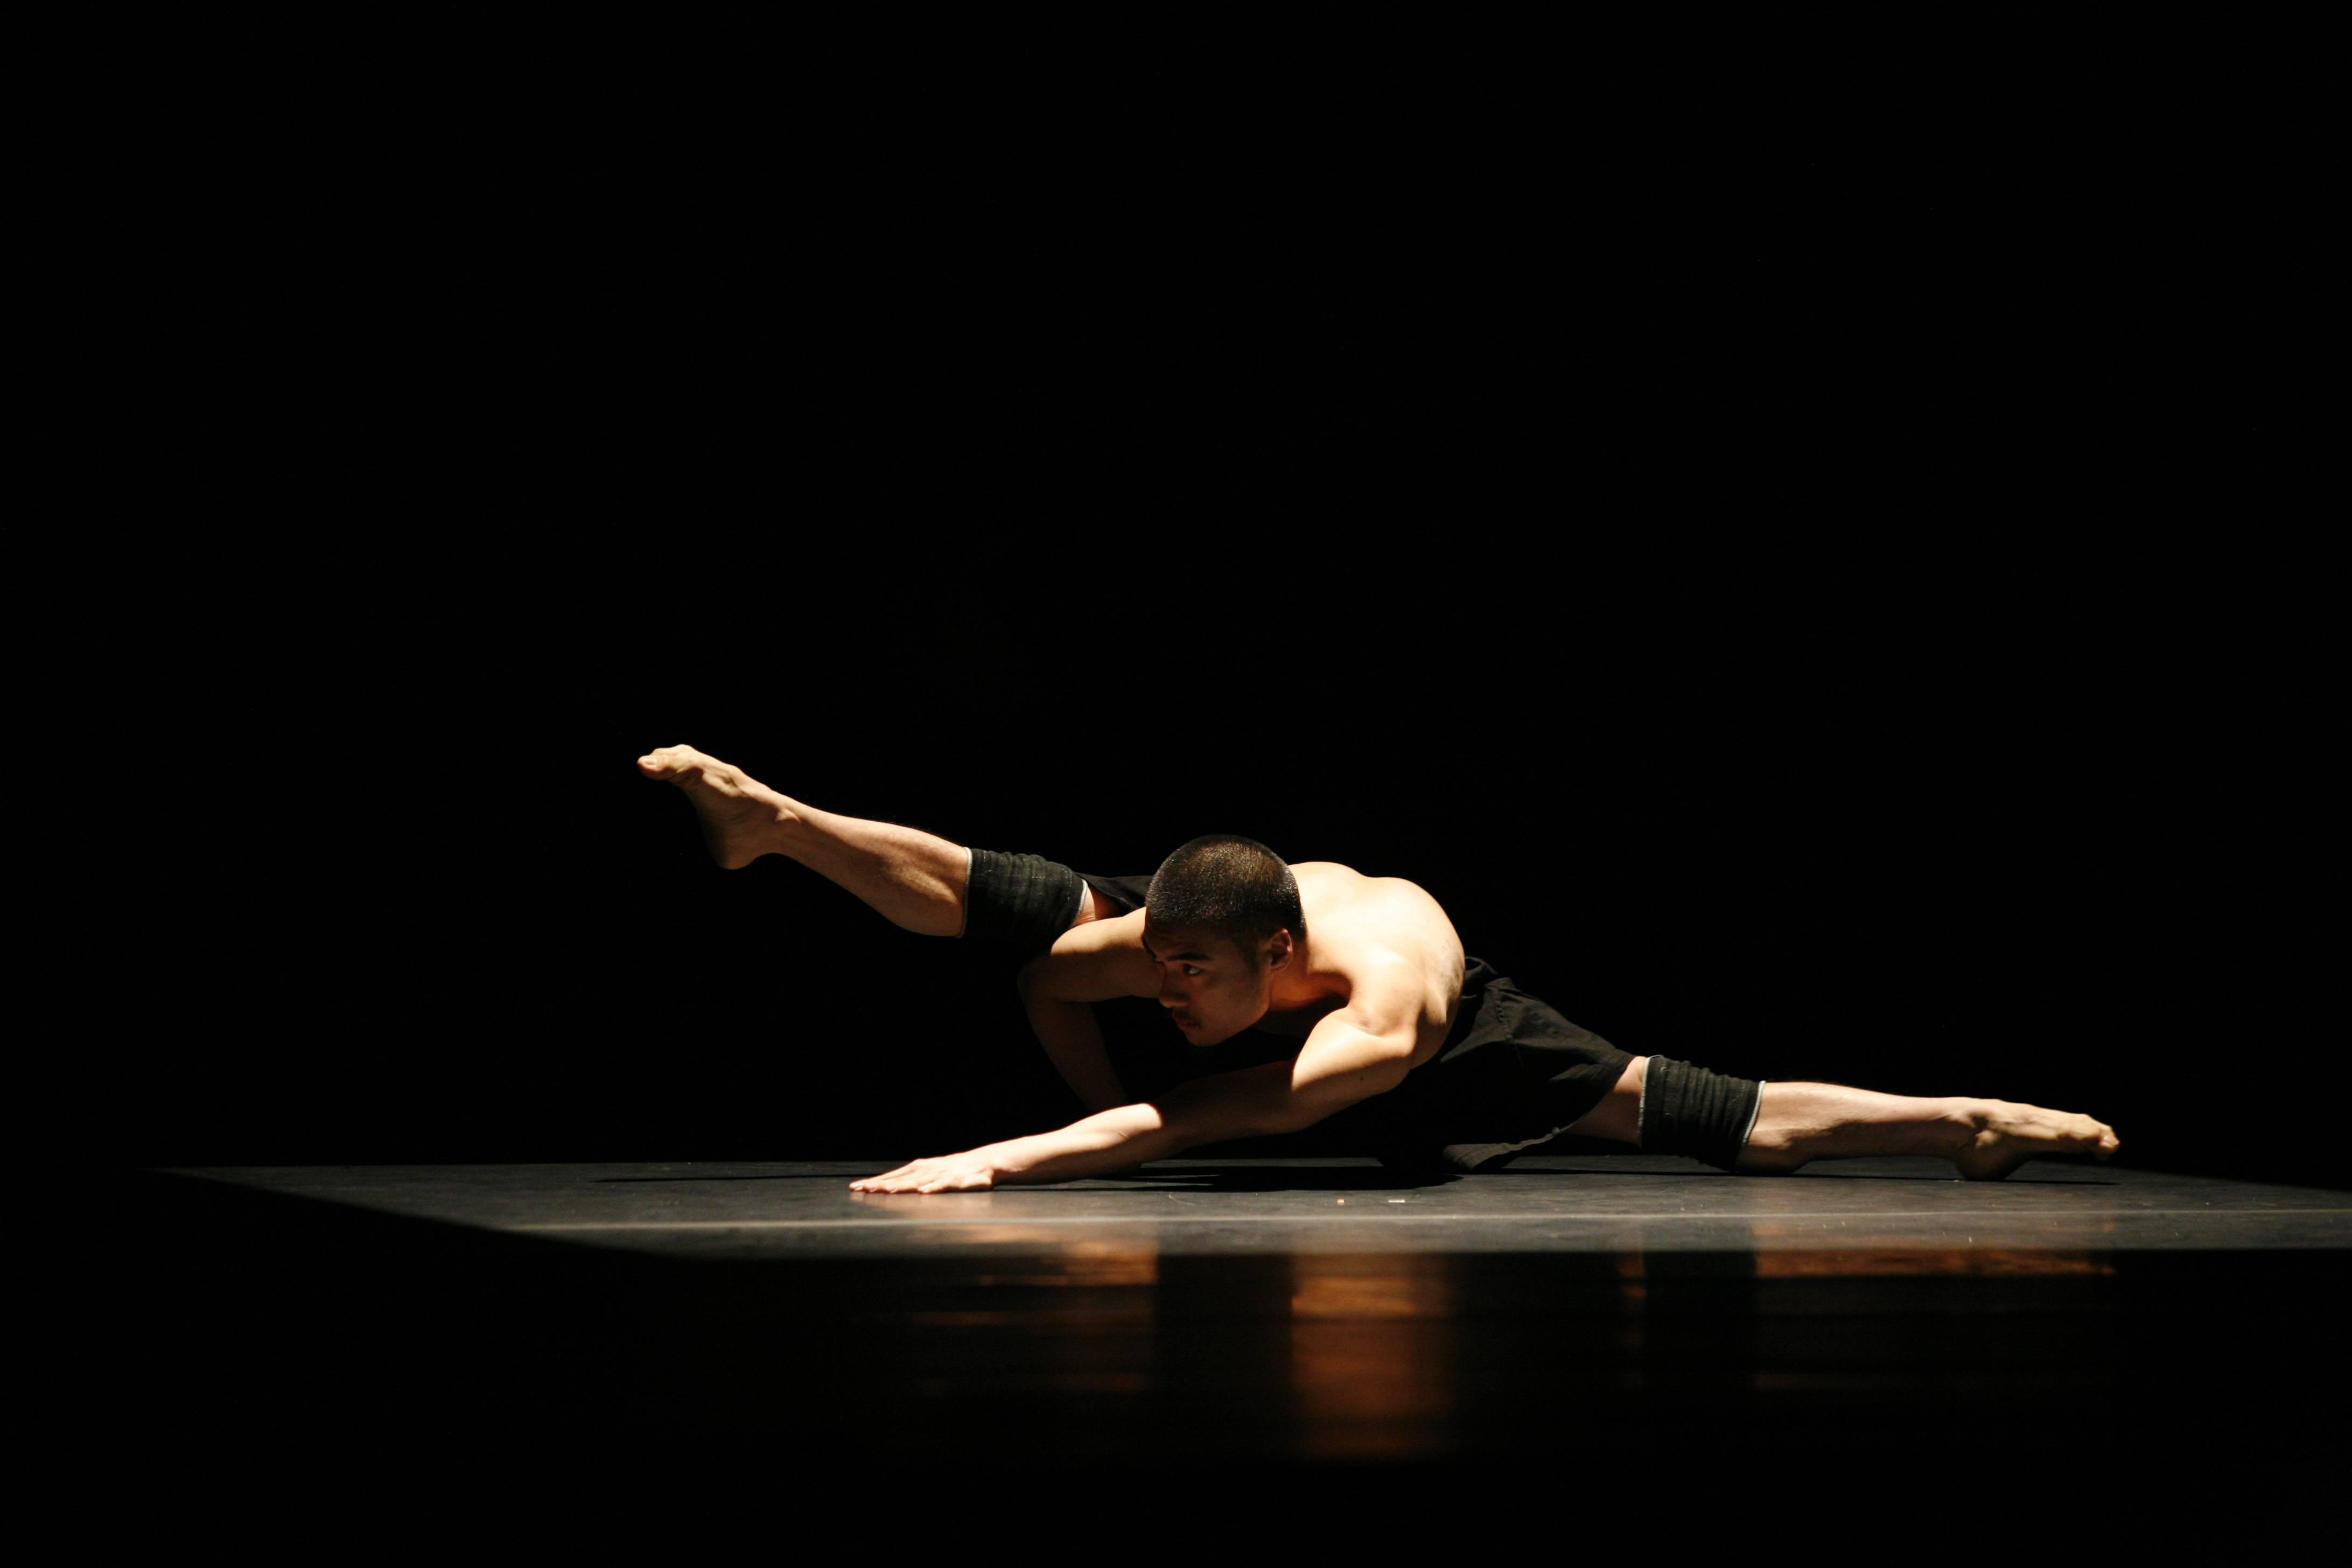 踏出現代舞的自由步伐👣,清點台灣知名現代舞團(雲門舞集❌許芳宜&藝術家)